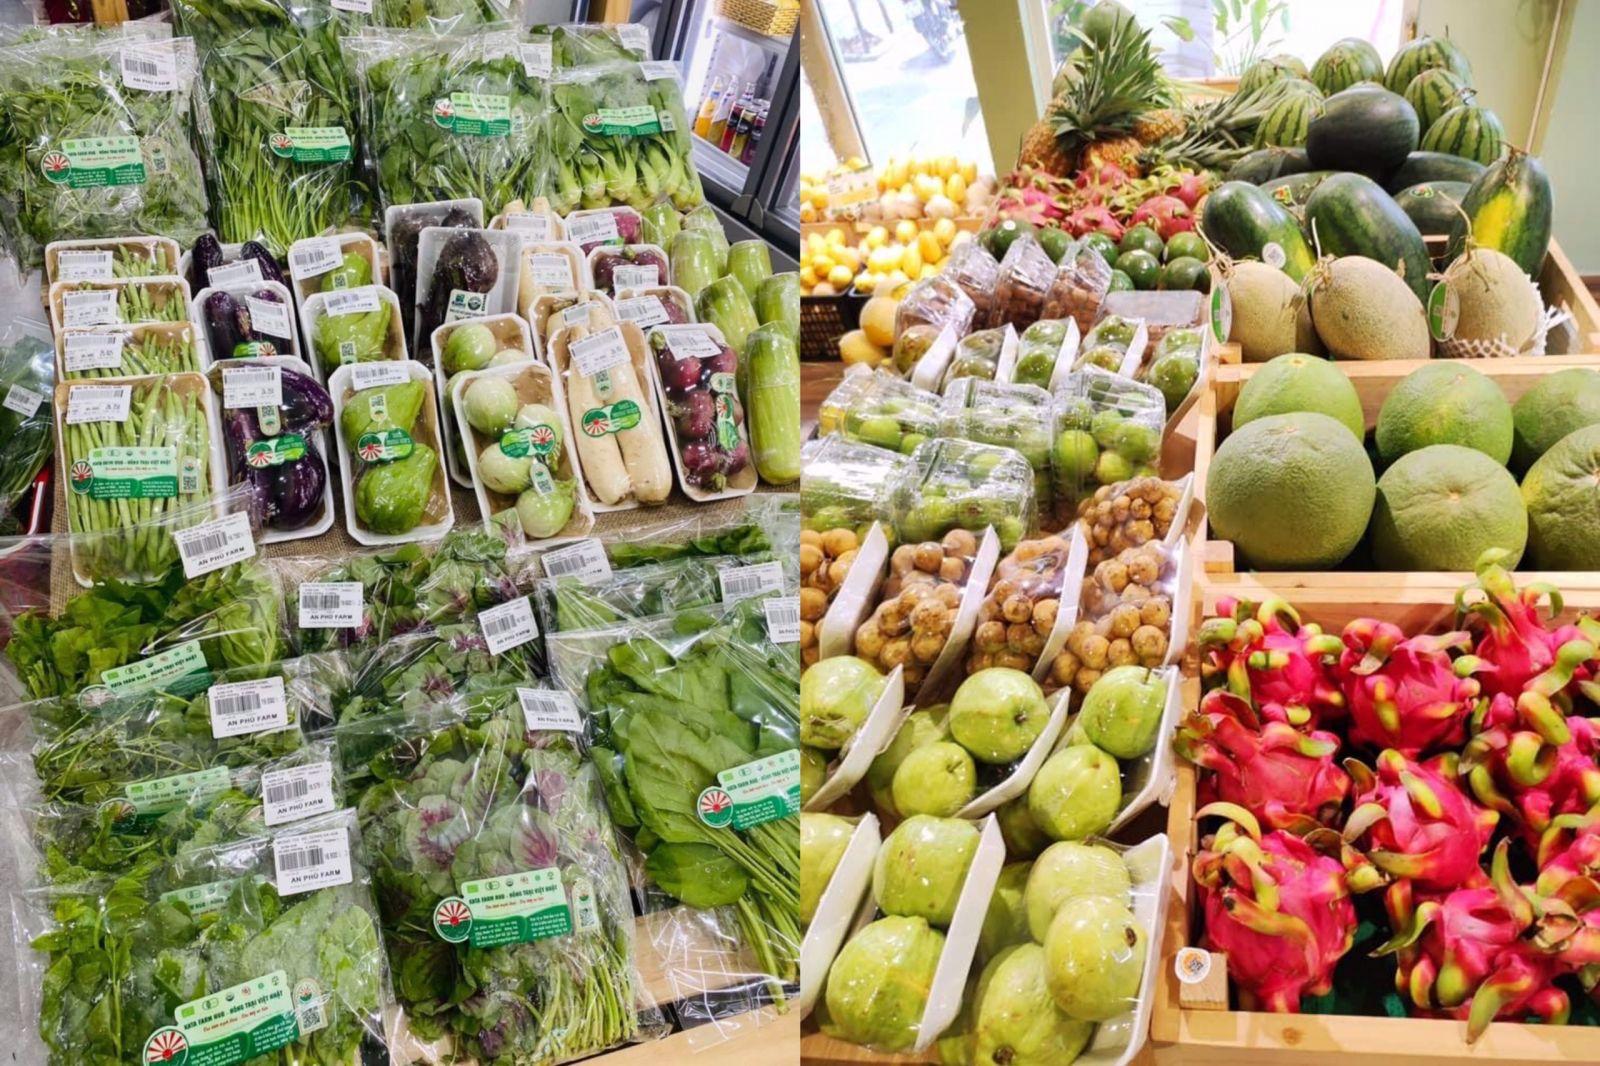 Một số thực phẩm Organic Grown luôn có sẵn trên các kệ hàng của hệ thống 6 chi nhánh cửa hàng thực phẩm hữu cơ An Phú Farm tại Đà Nẵng, Quảng Nam và Quảng Ngãi.